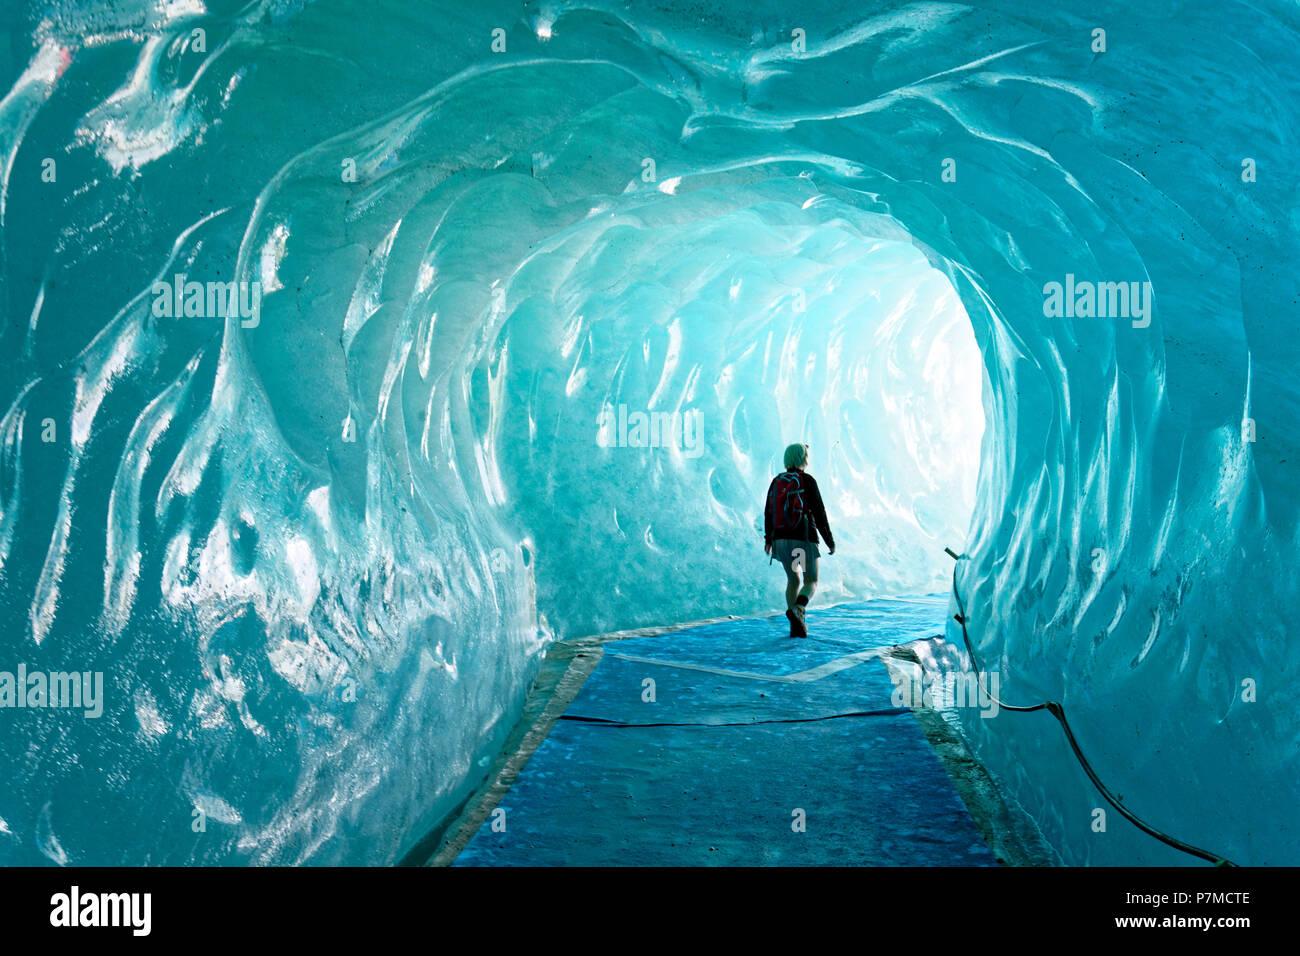 France, Haute Savoie, Chamonix Mont Blanc, Montenvers, cave of the Mer de Glace glacier - Stock Image